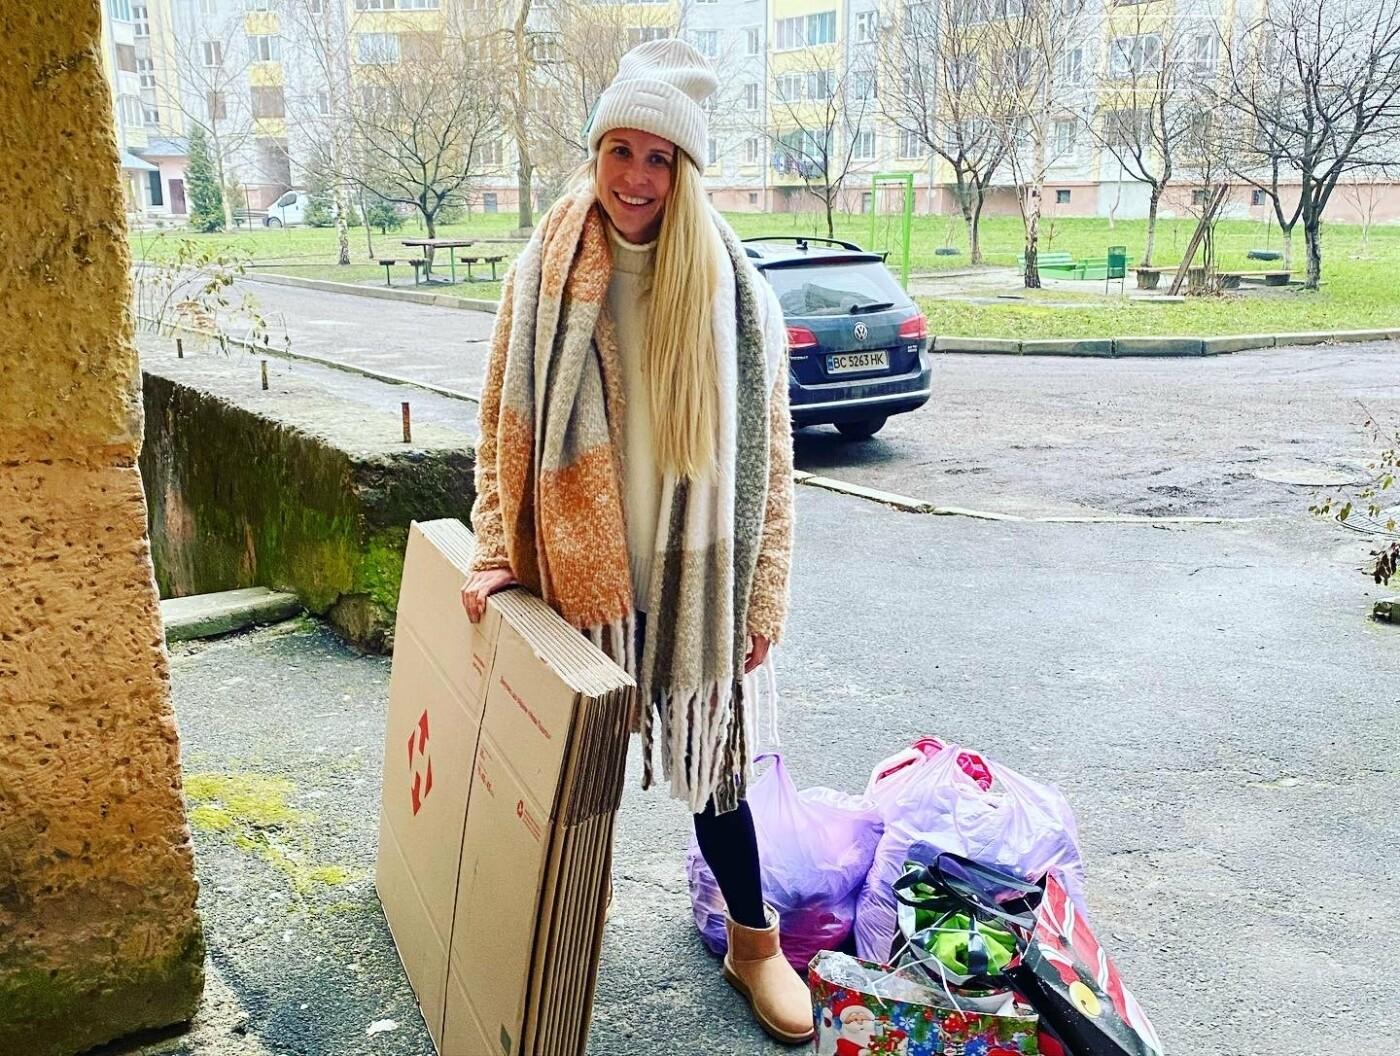 «Є сім'ї, які потребують не дорогих телефонів, а їжі та одягу», - Катя Максимова про благочинну акцію для потребуючих родин, фото-1